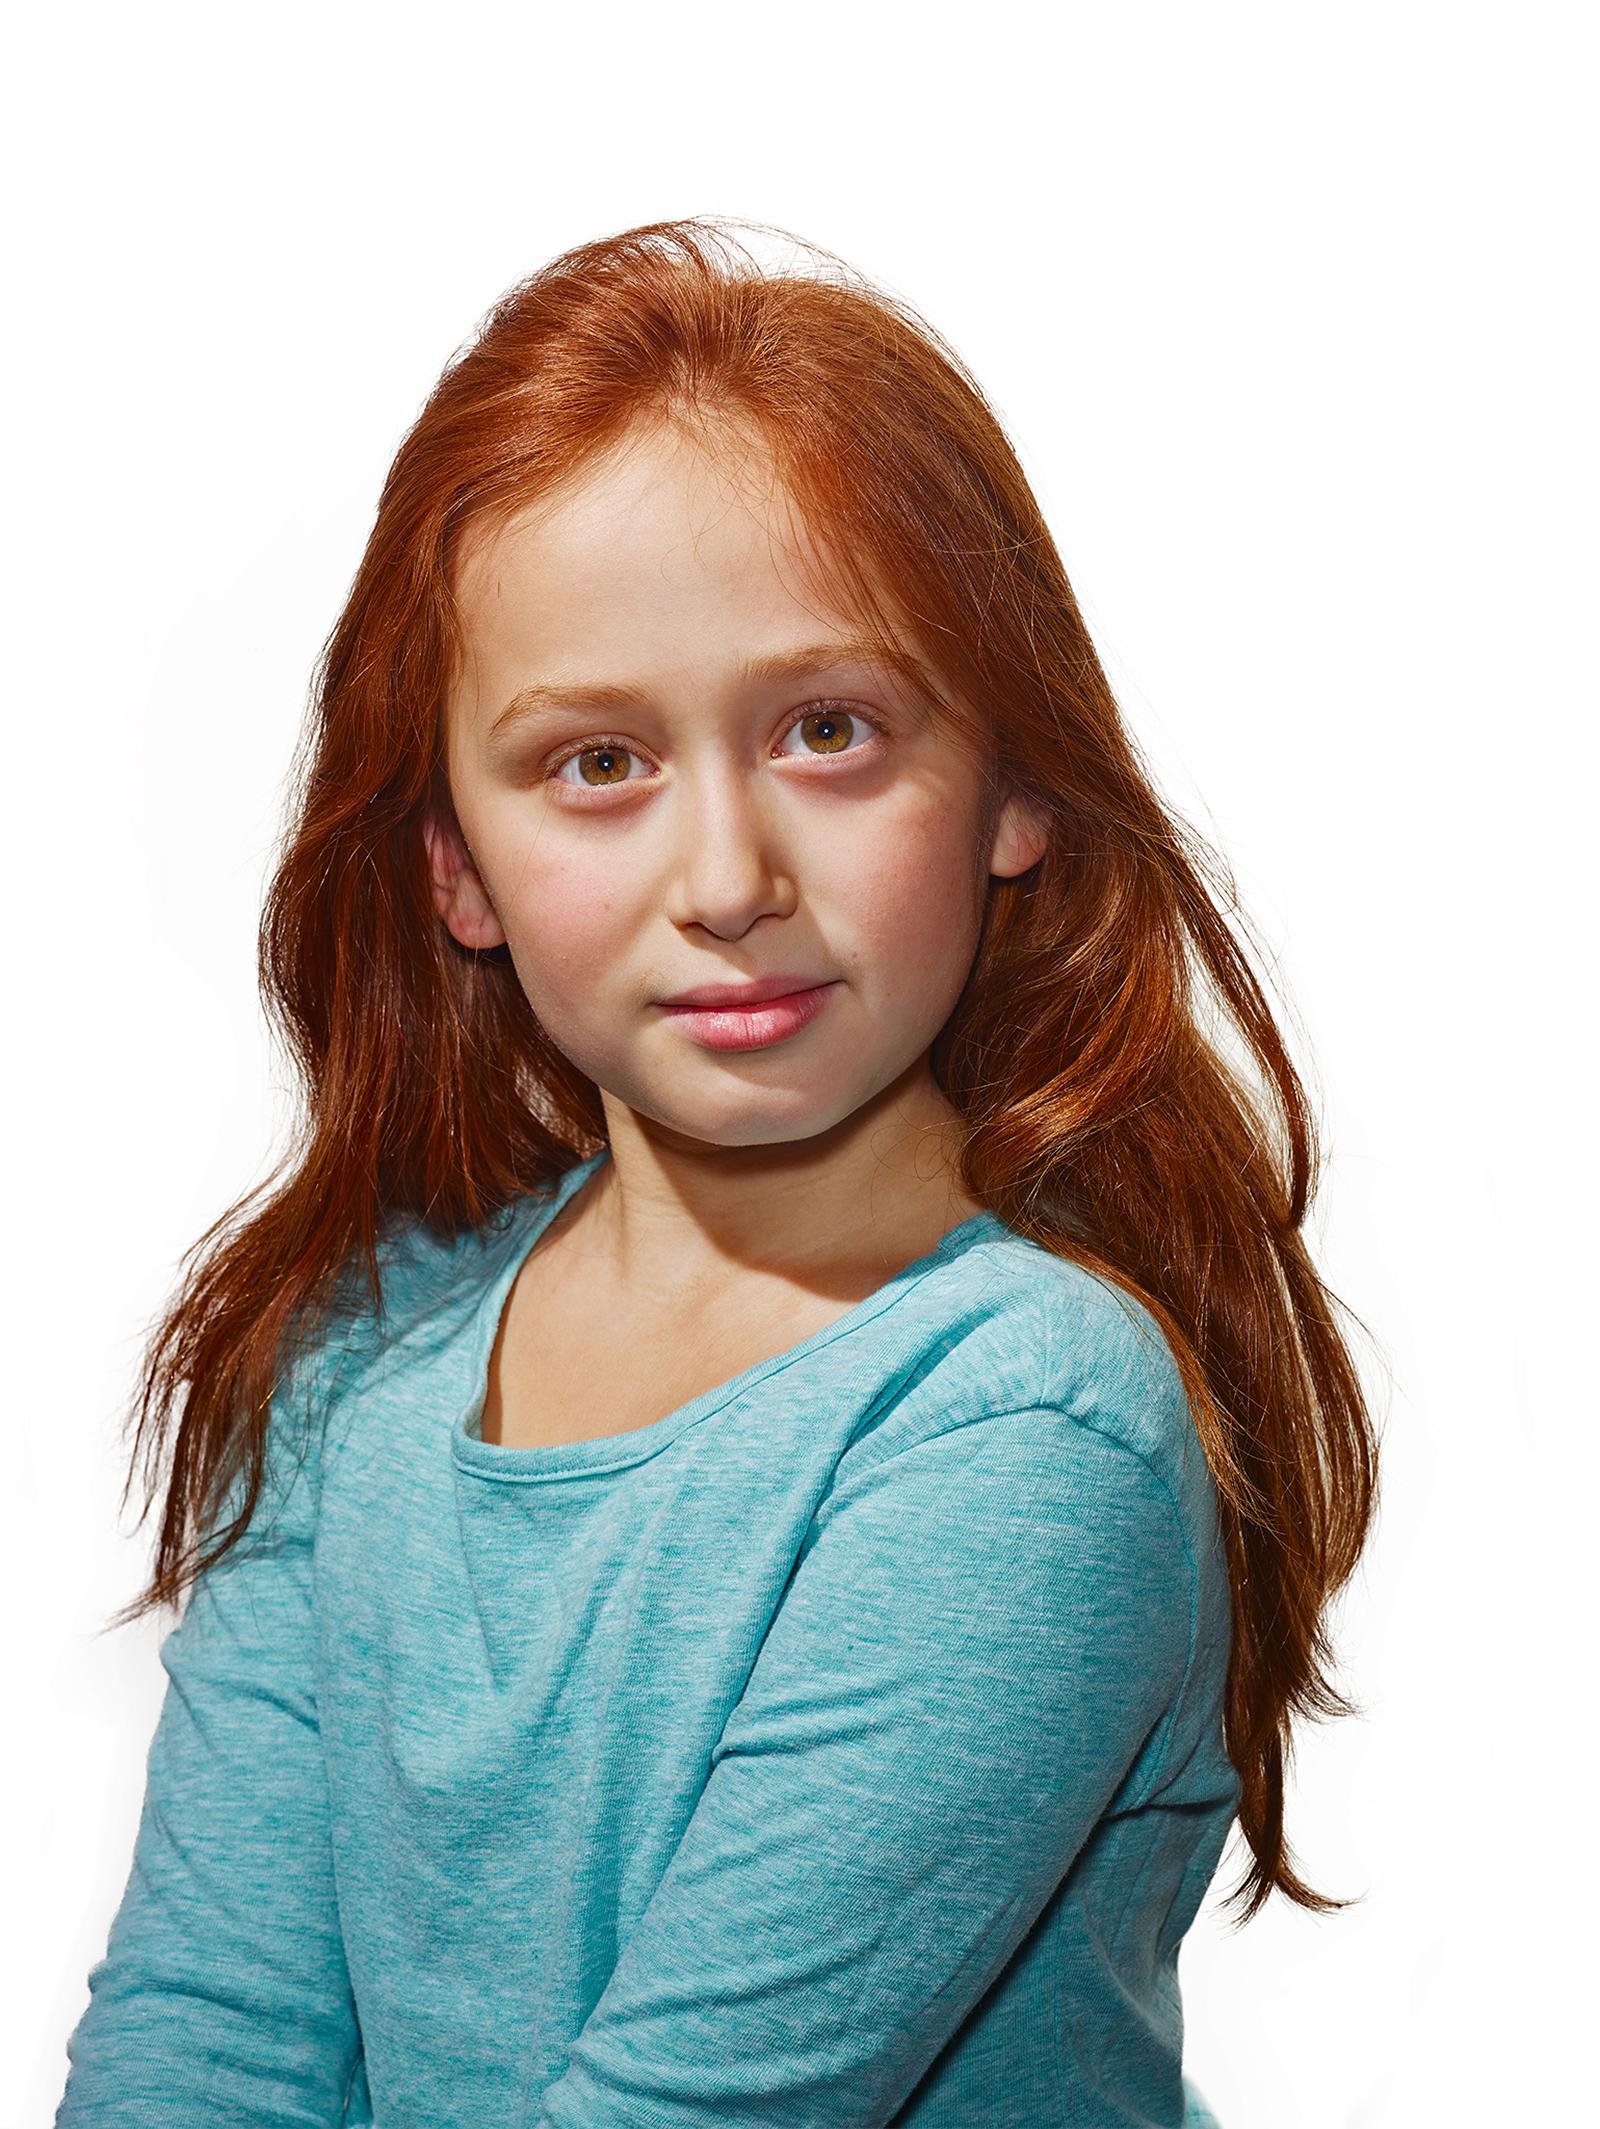 Redheads_131212_568.jpg